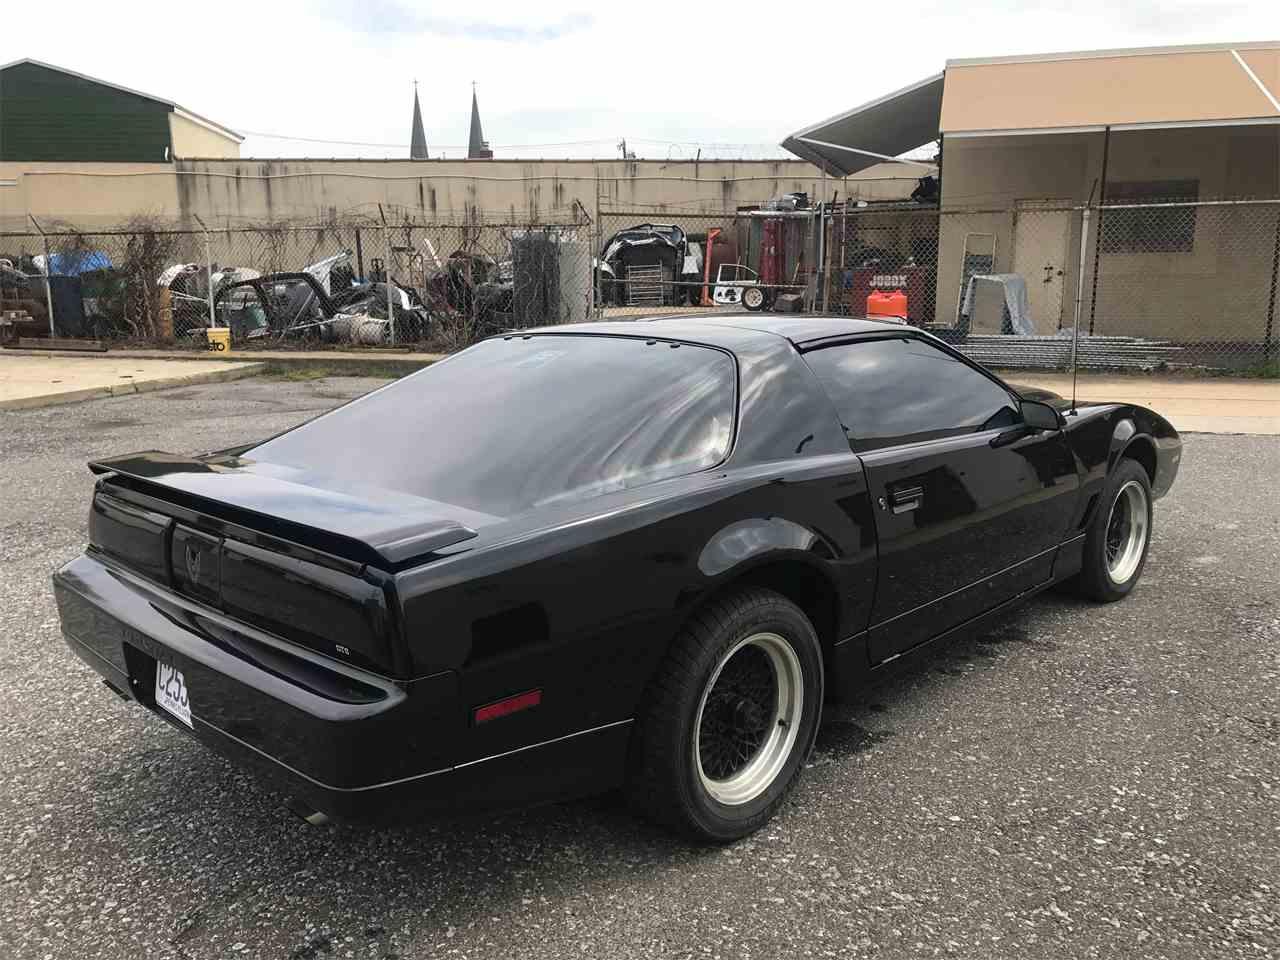 1988 Pontiac Firebird Trans Am for Sale - classiccars.com